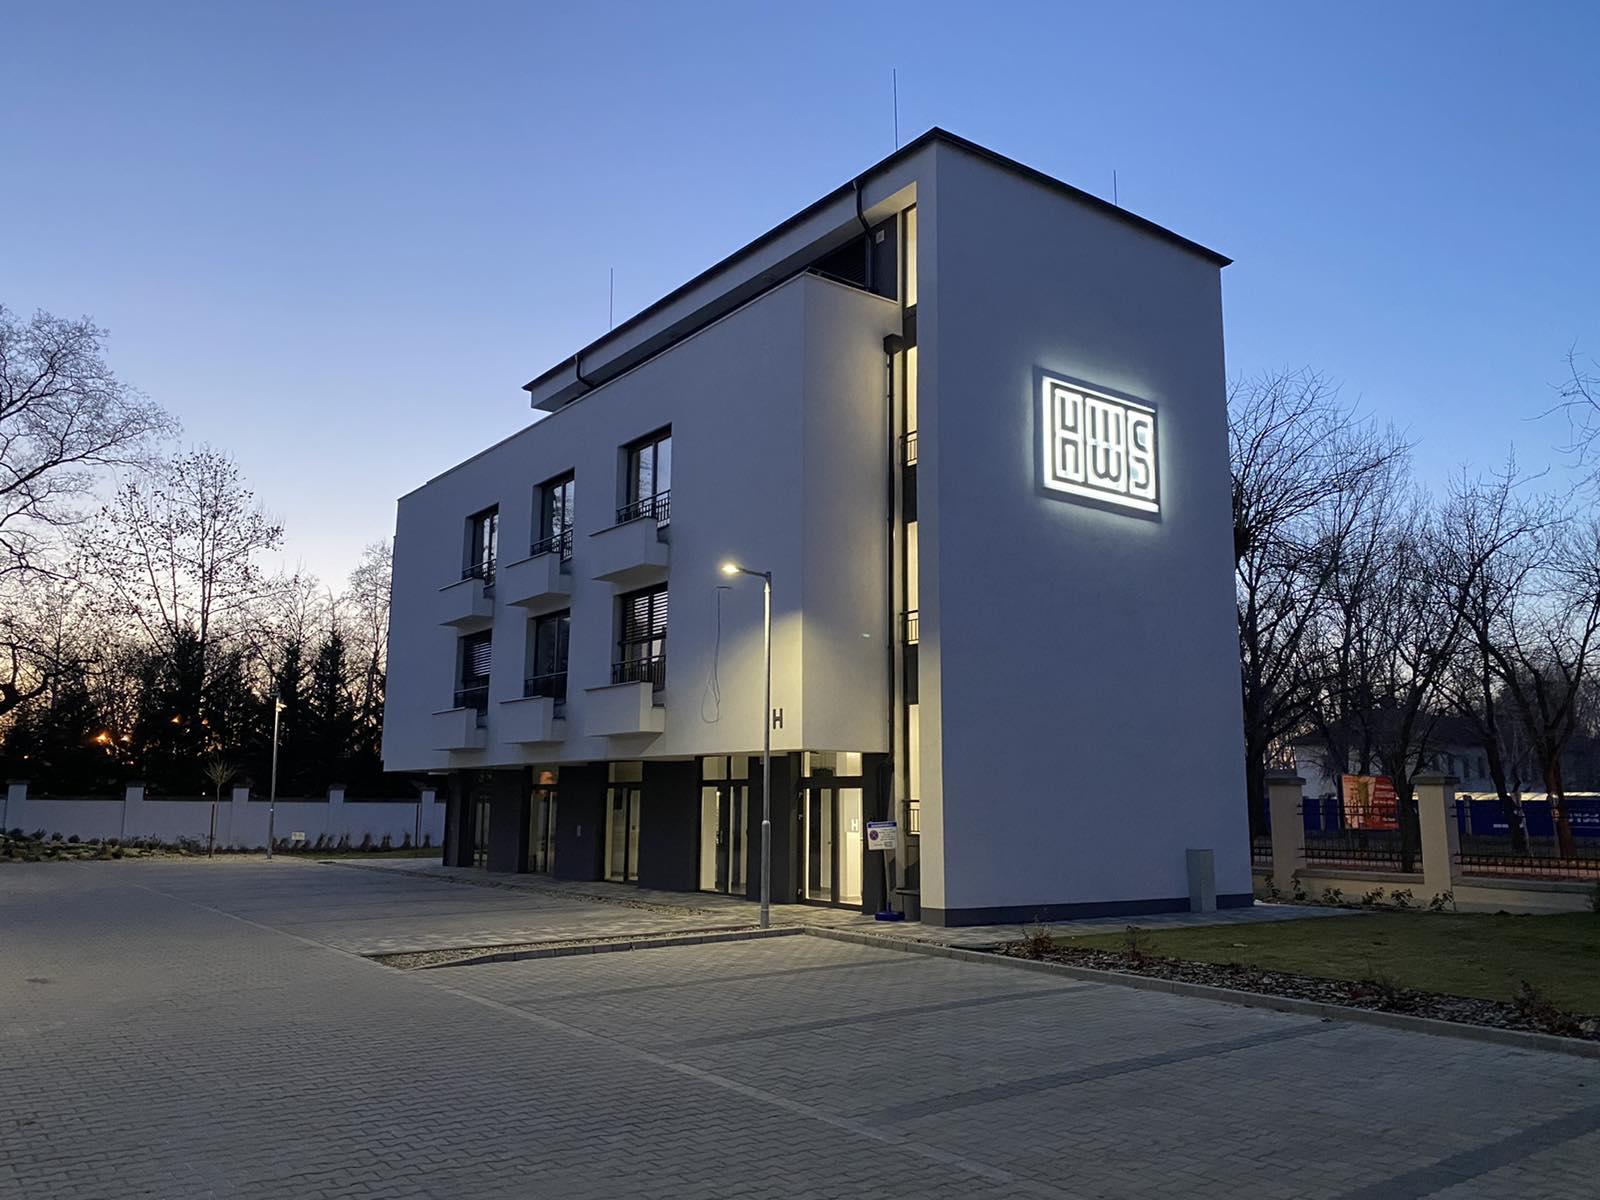 HWS székház